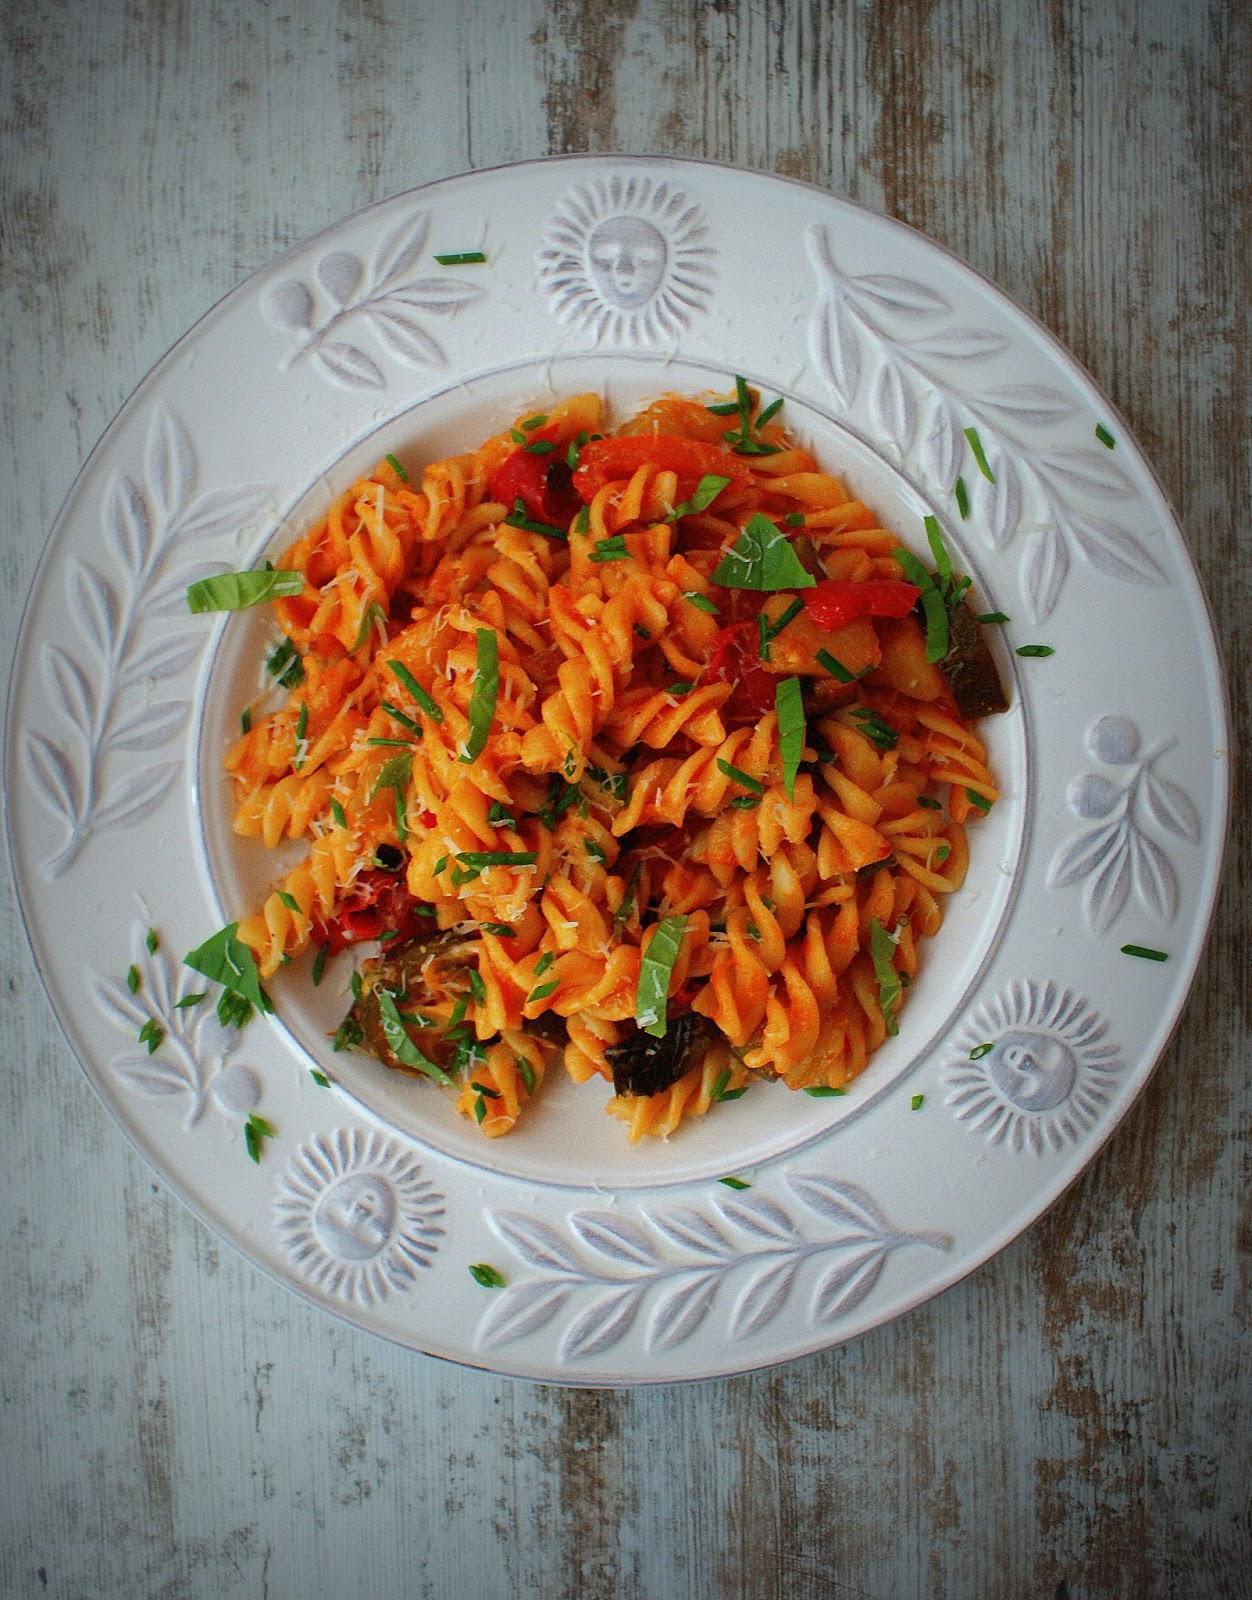 Z Kuchni Do Kuchni Fusilli Z Warzywami W Pomidorach